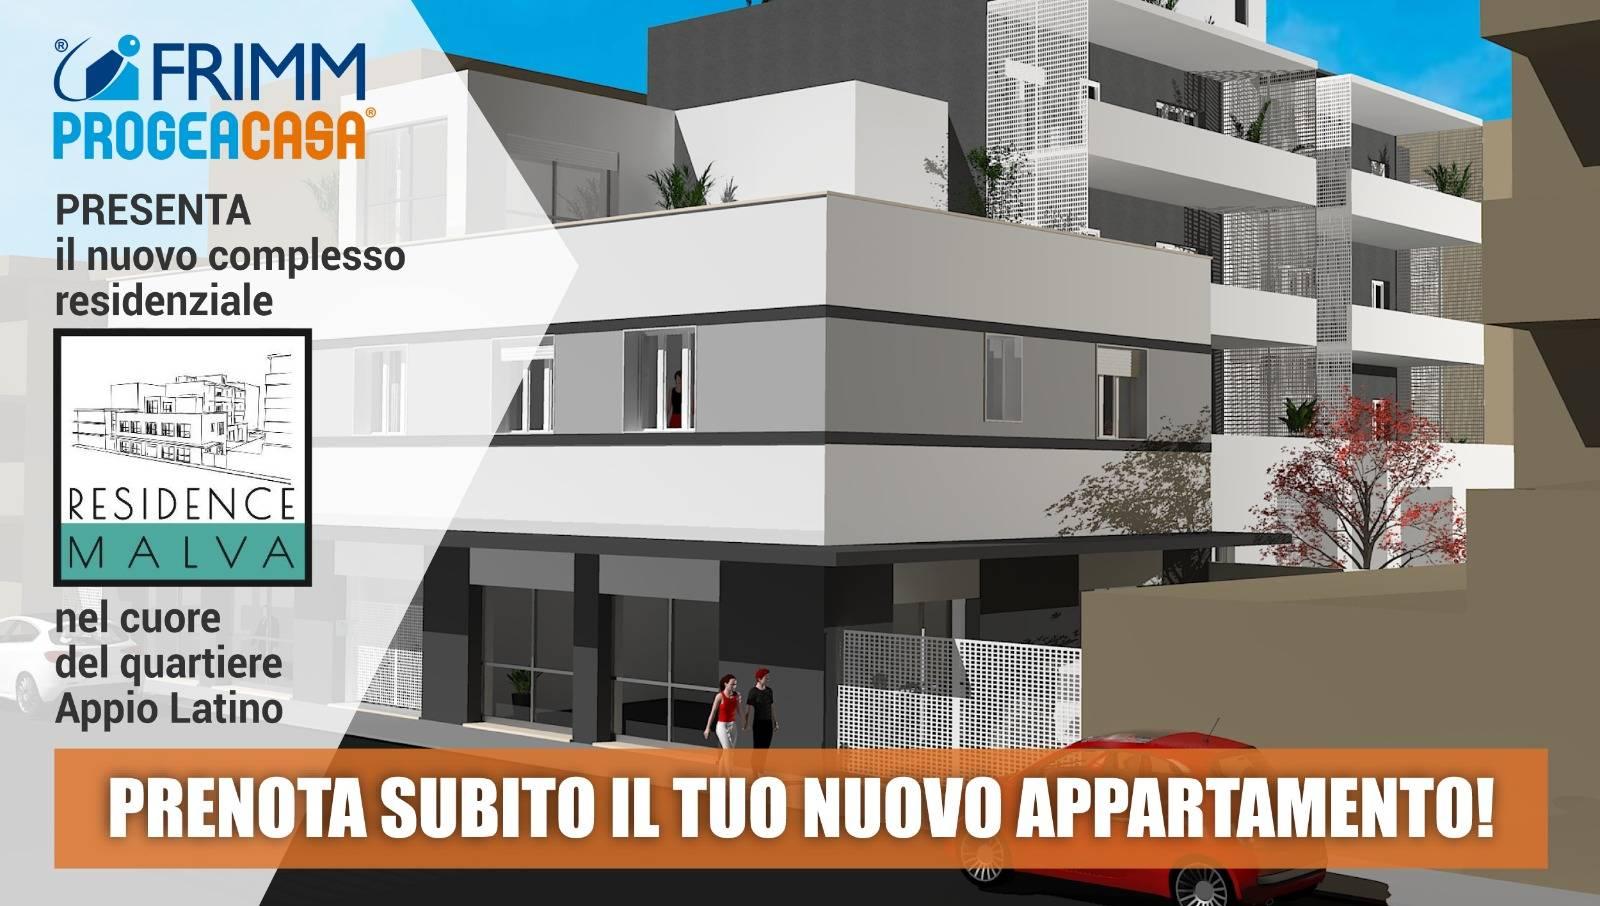 1118417120 Plurilocale (6) in Via Michele Amari, Roma, Zona Appio Latino Nuove Costruzioni